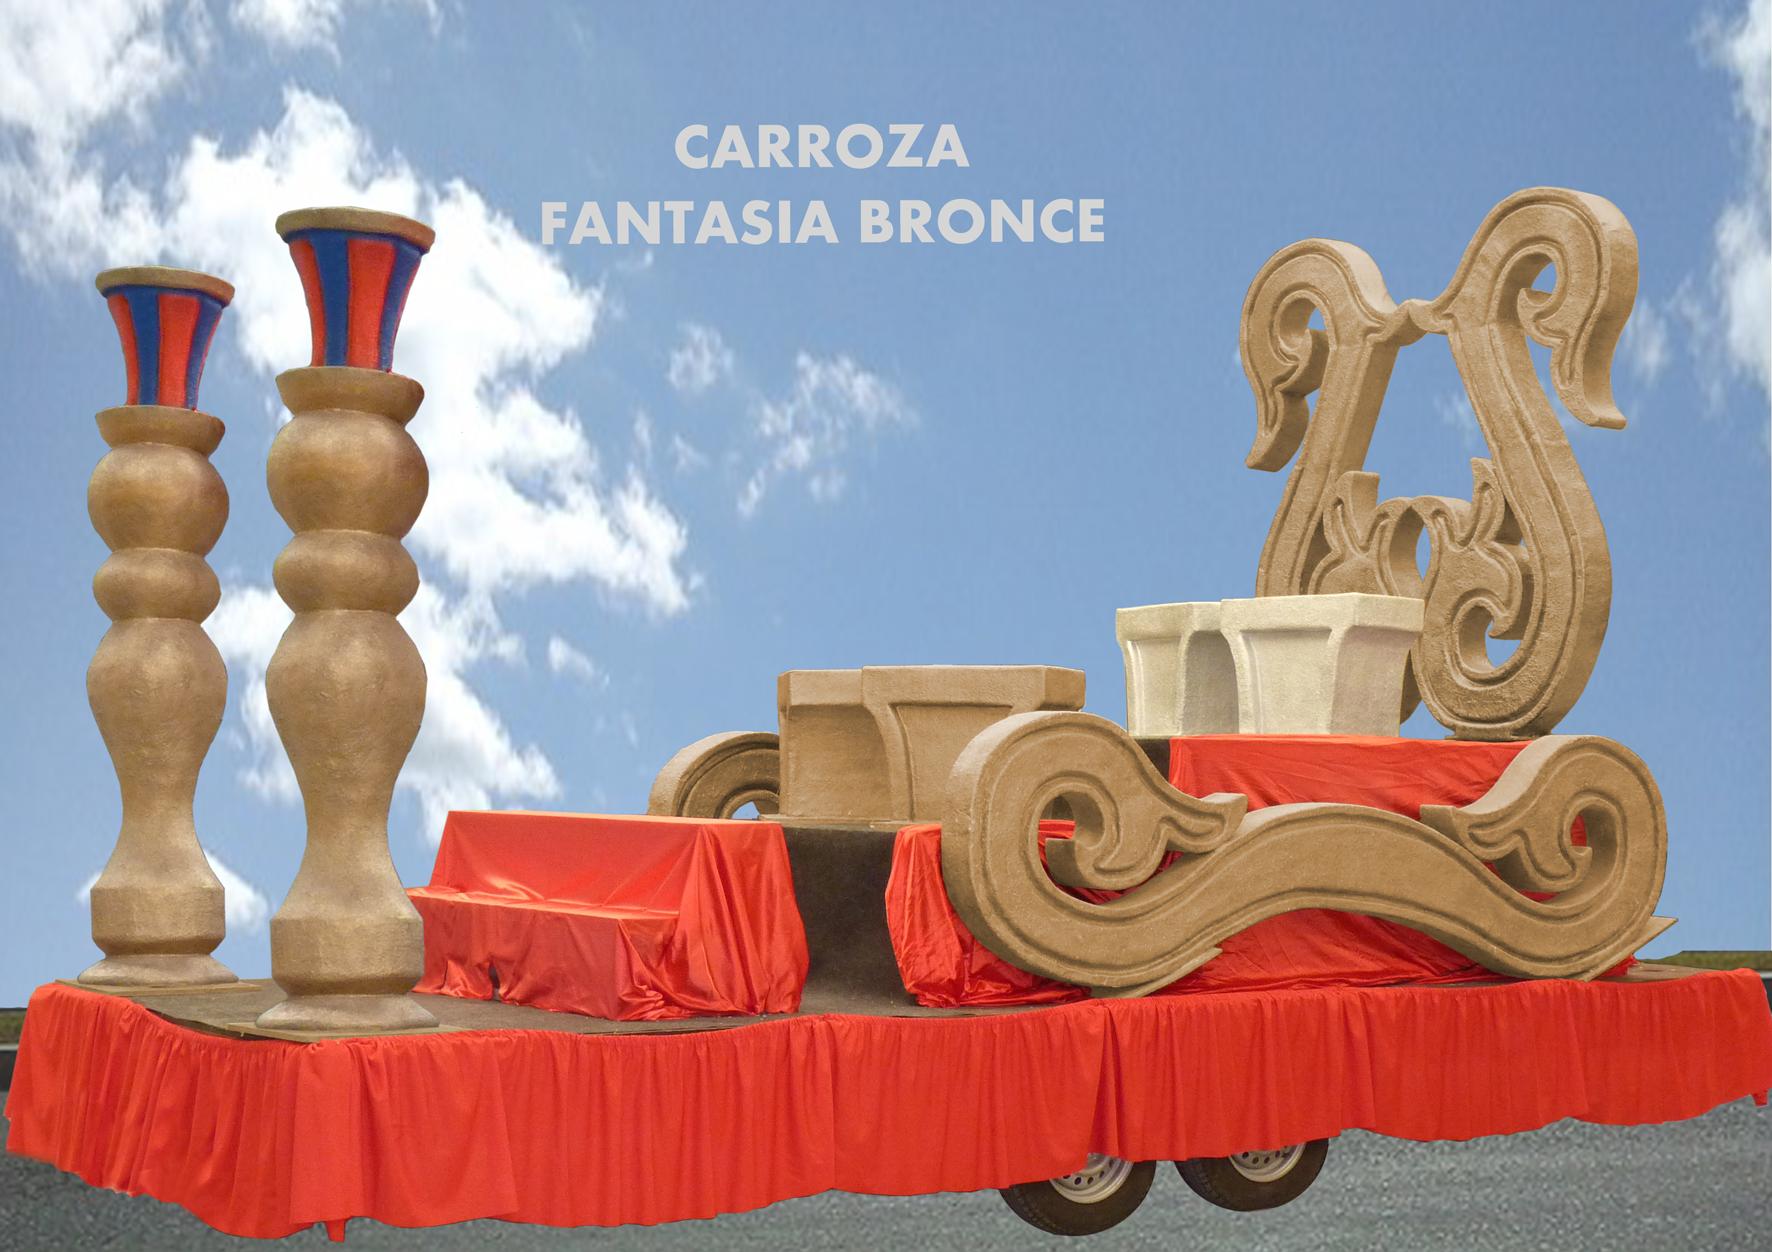 Carroza Reyes Magos Fantasia Bronce